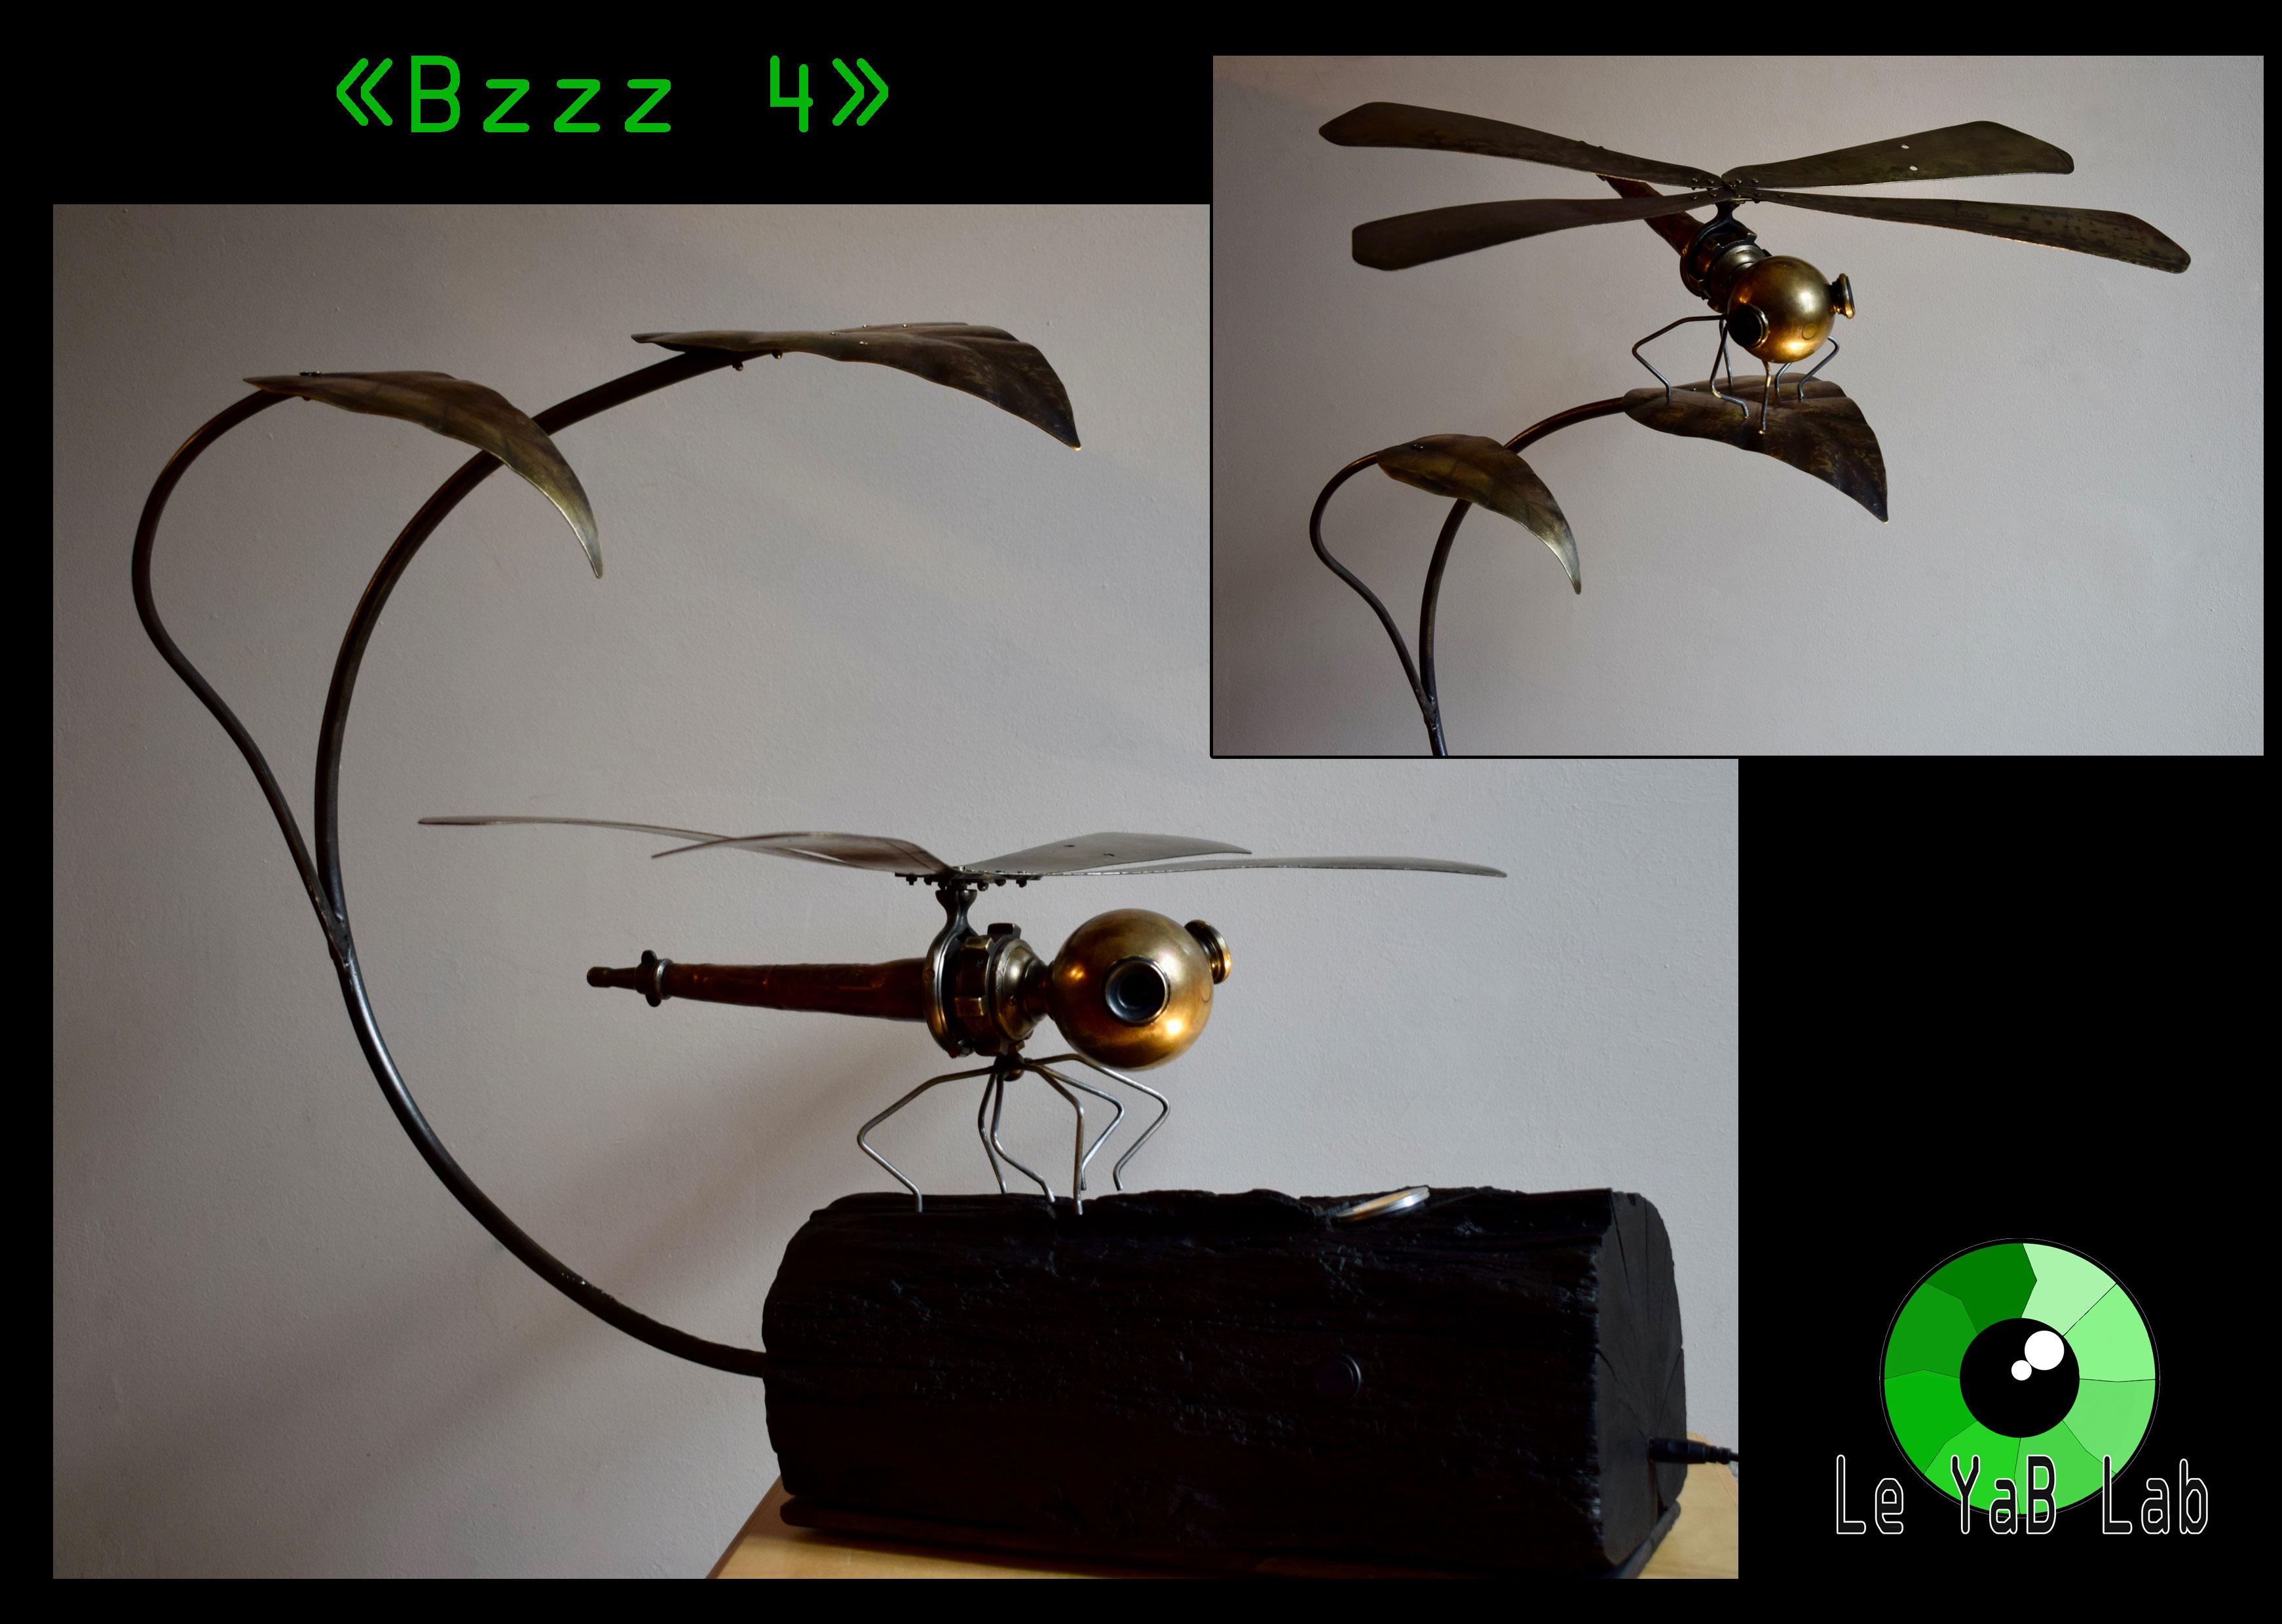 Bzzz-4